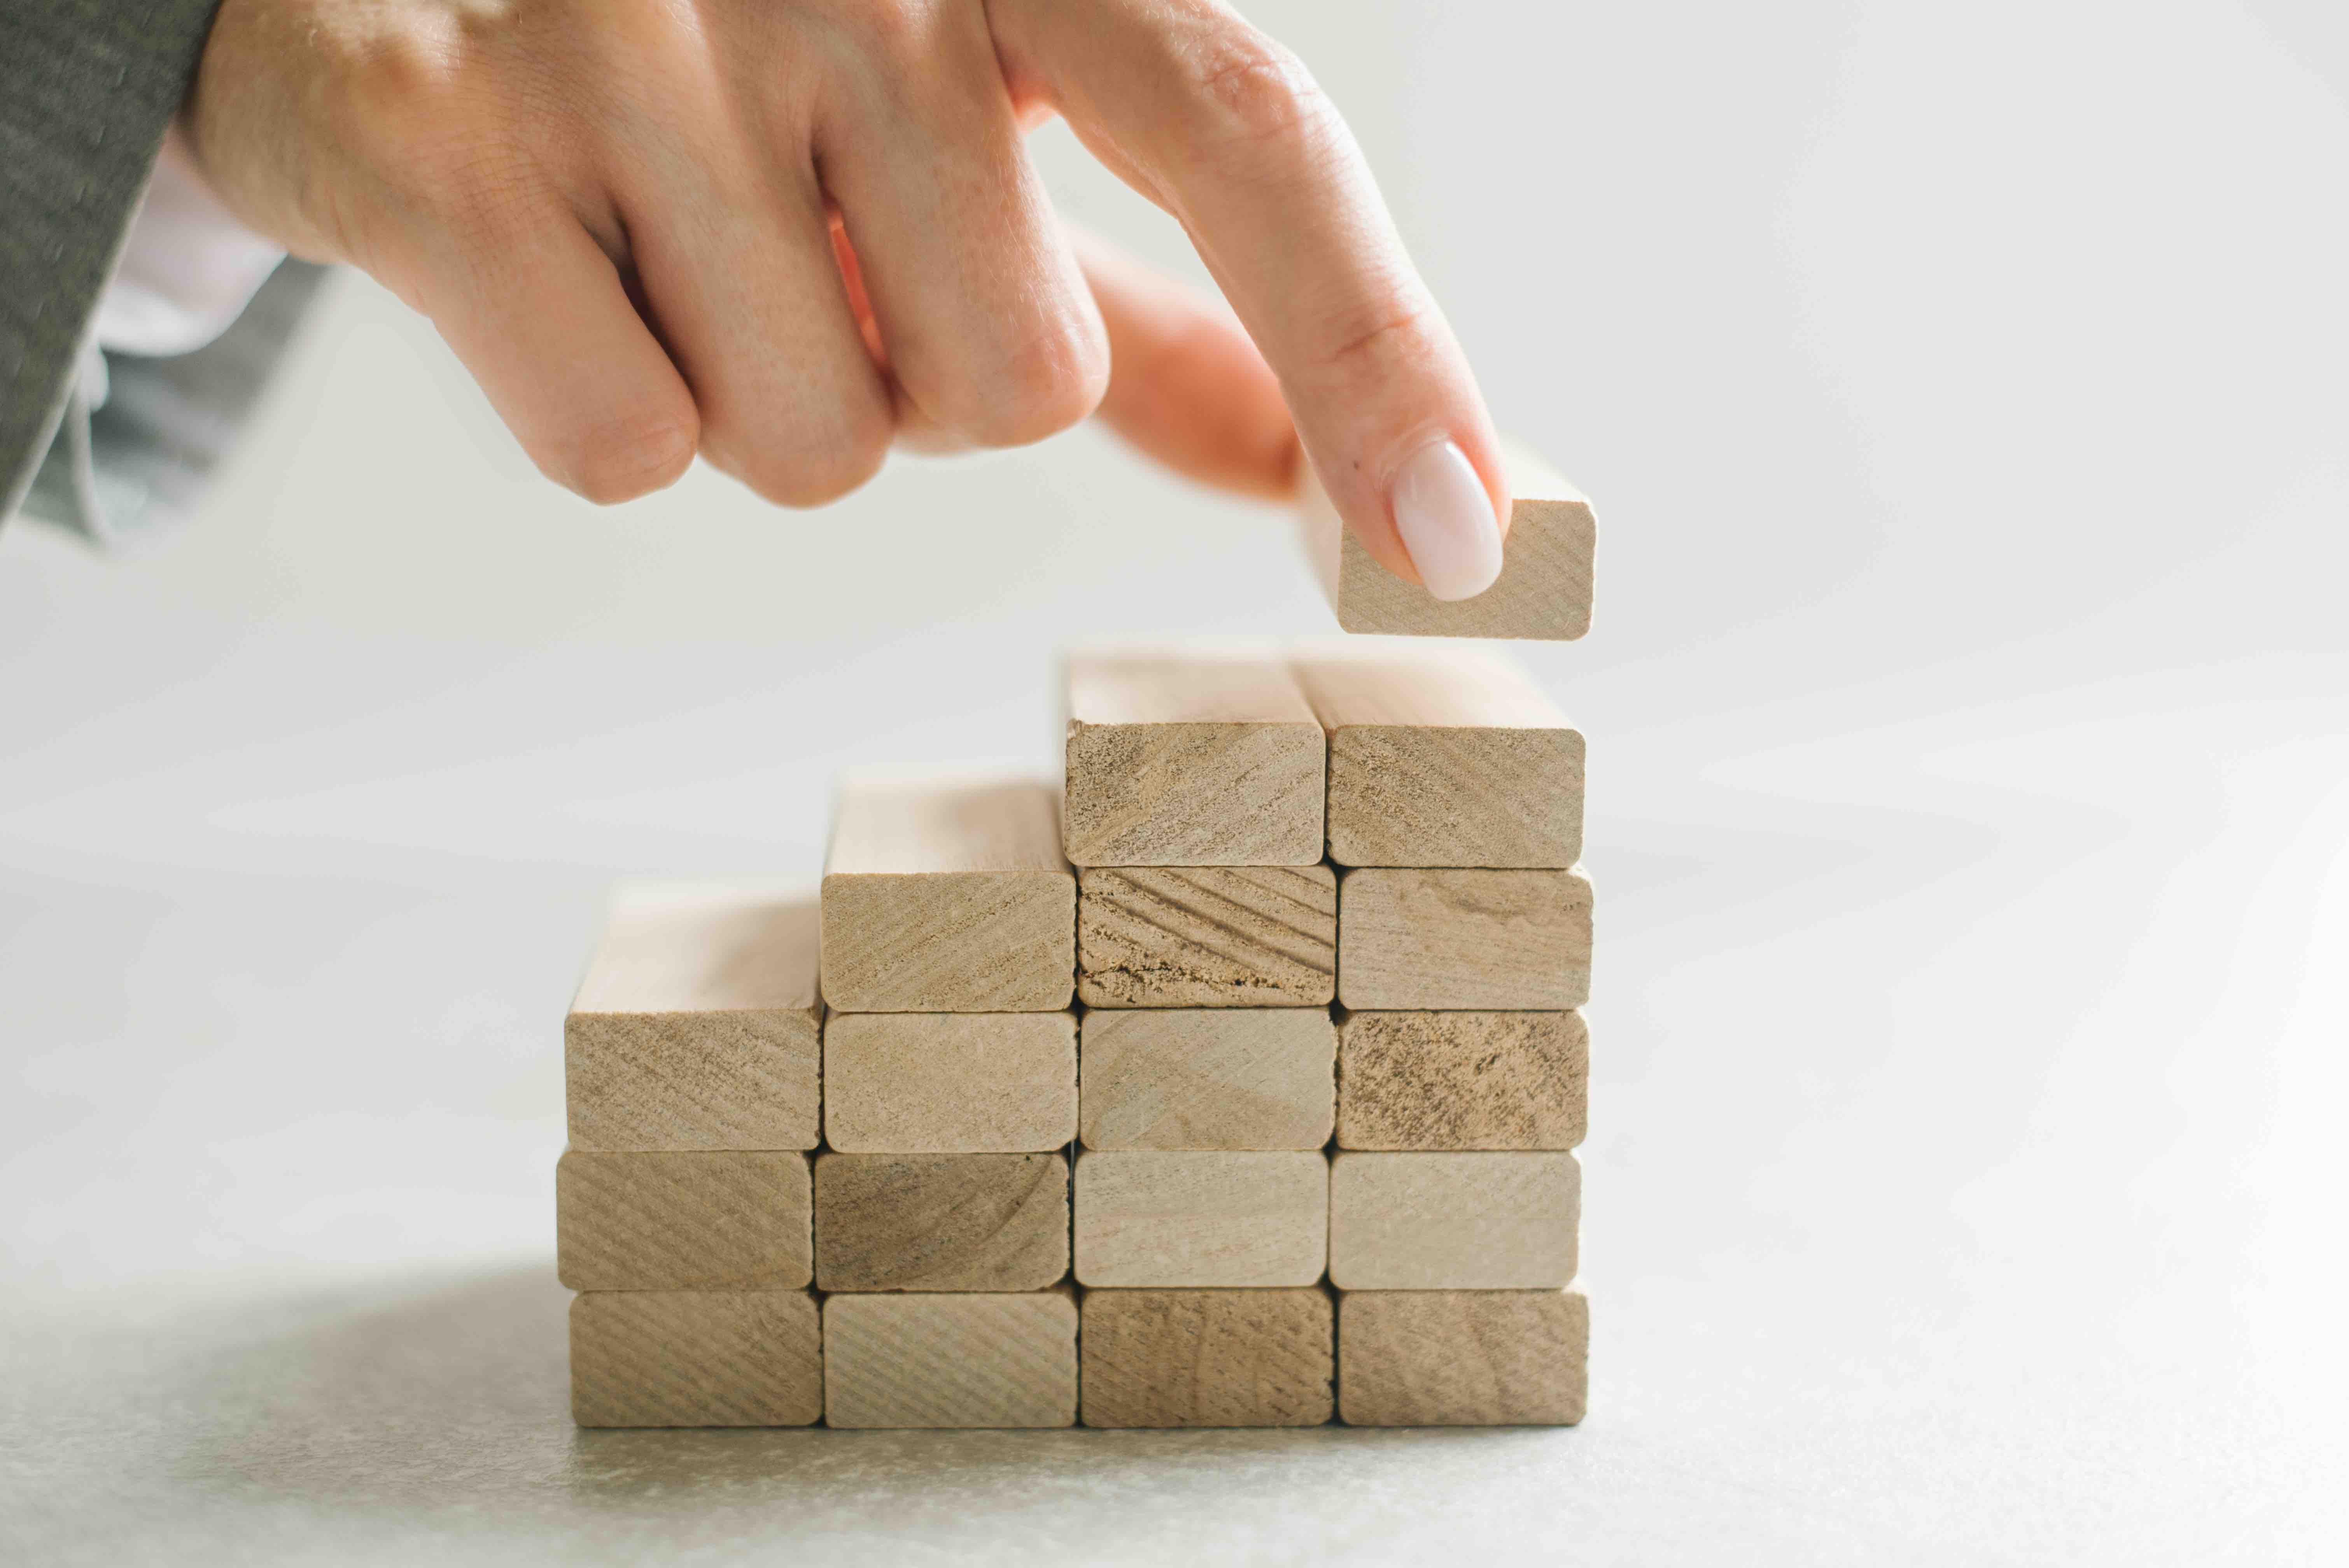 bigstock-Women-Hand-Putting-A-Wooden-Bl-375860800